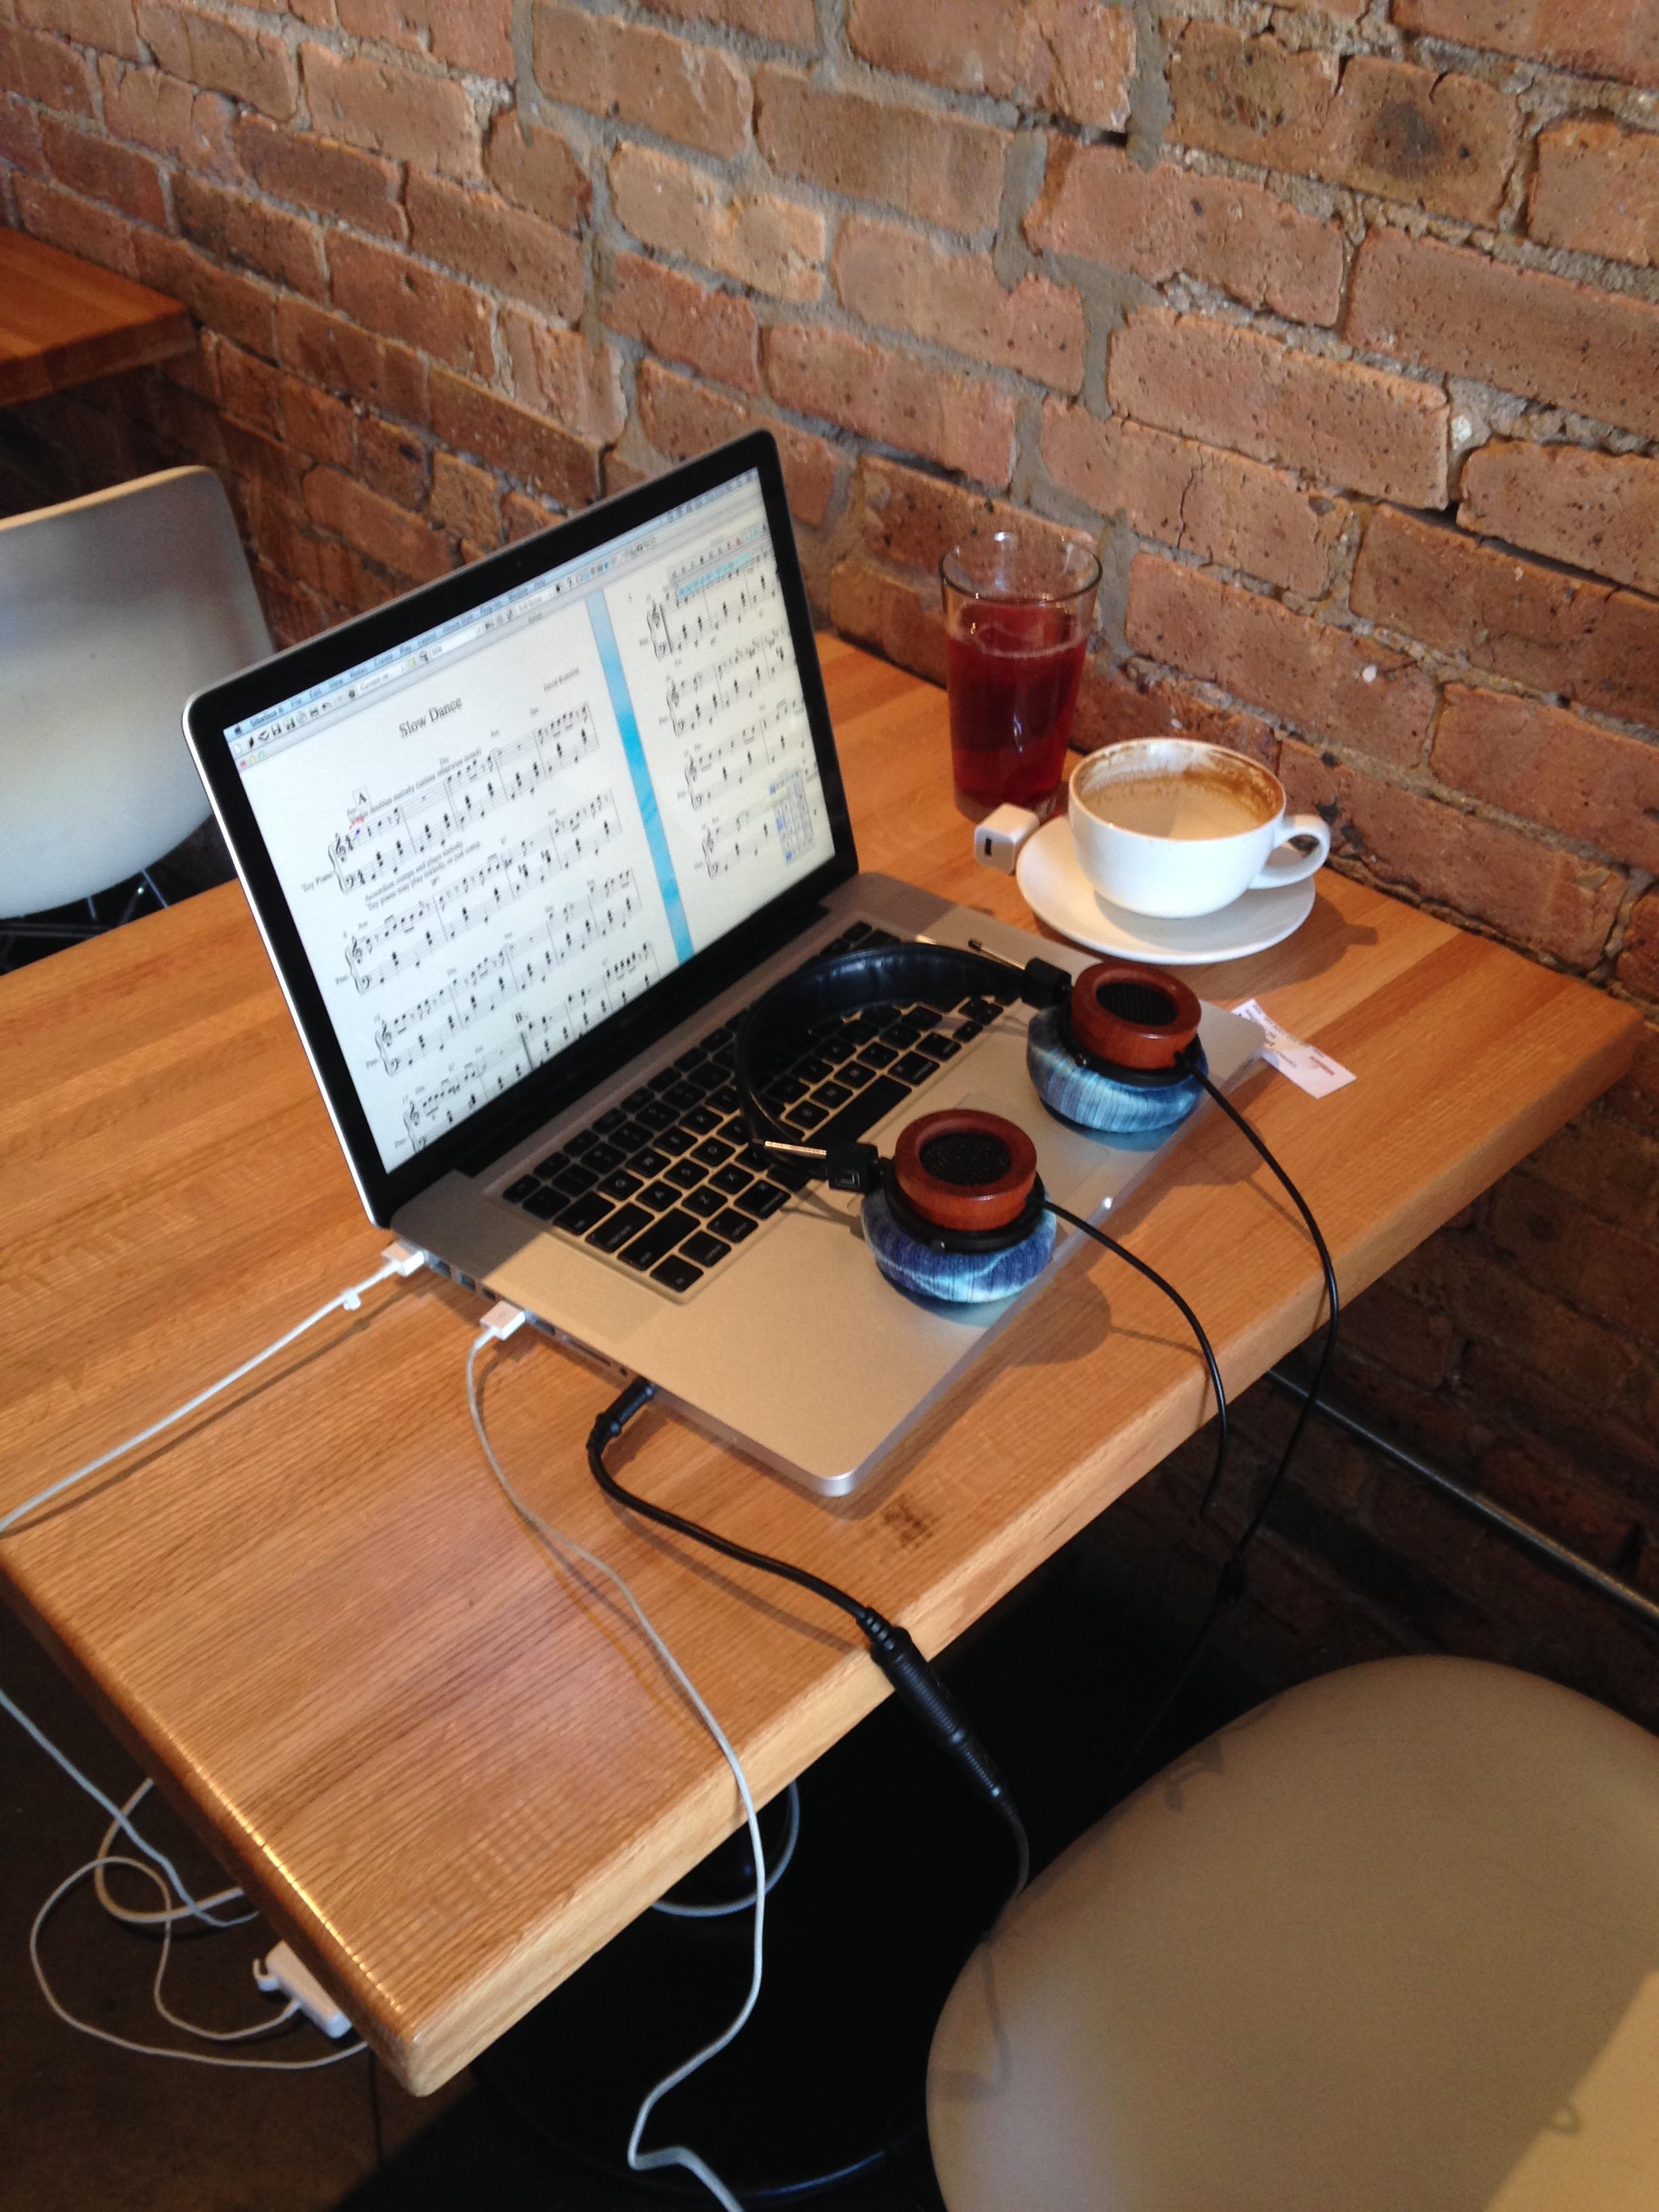 Coffee shop setup